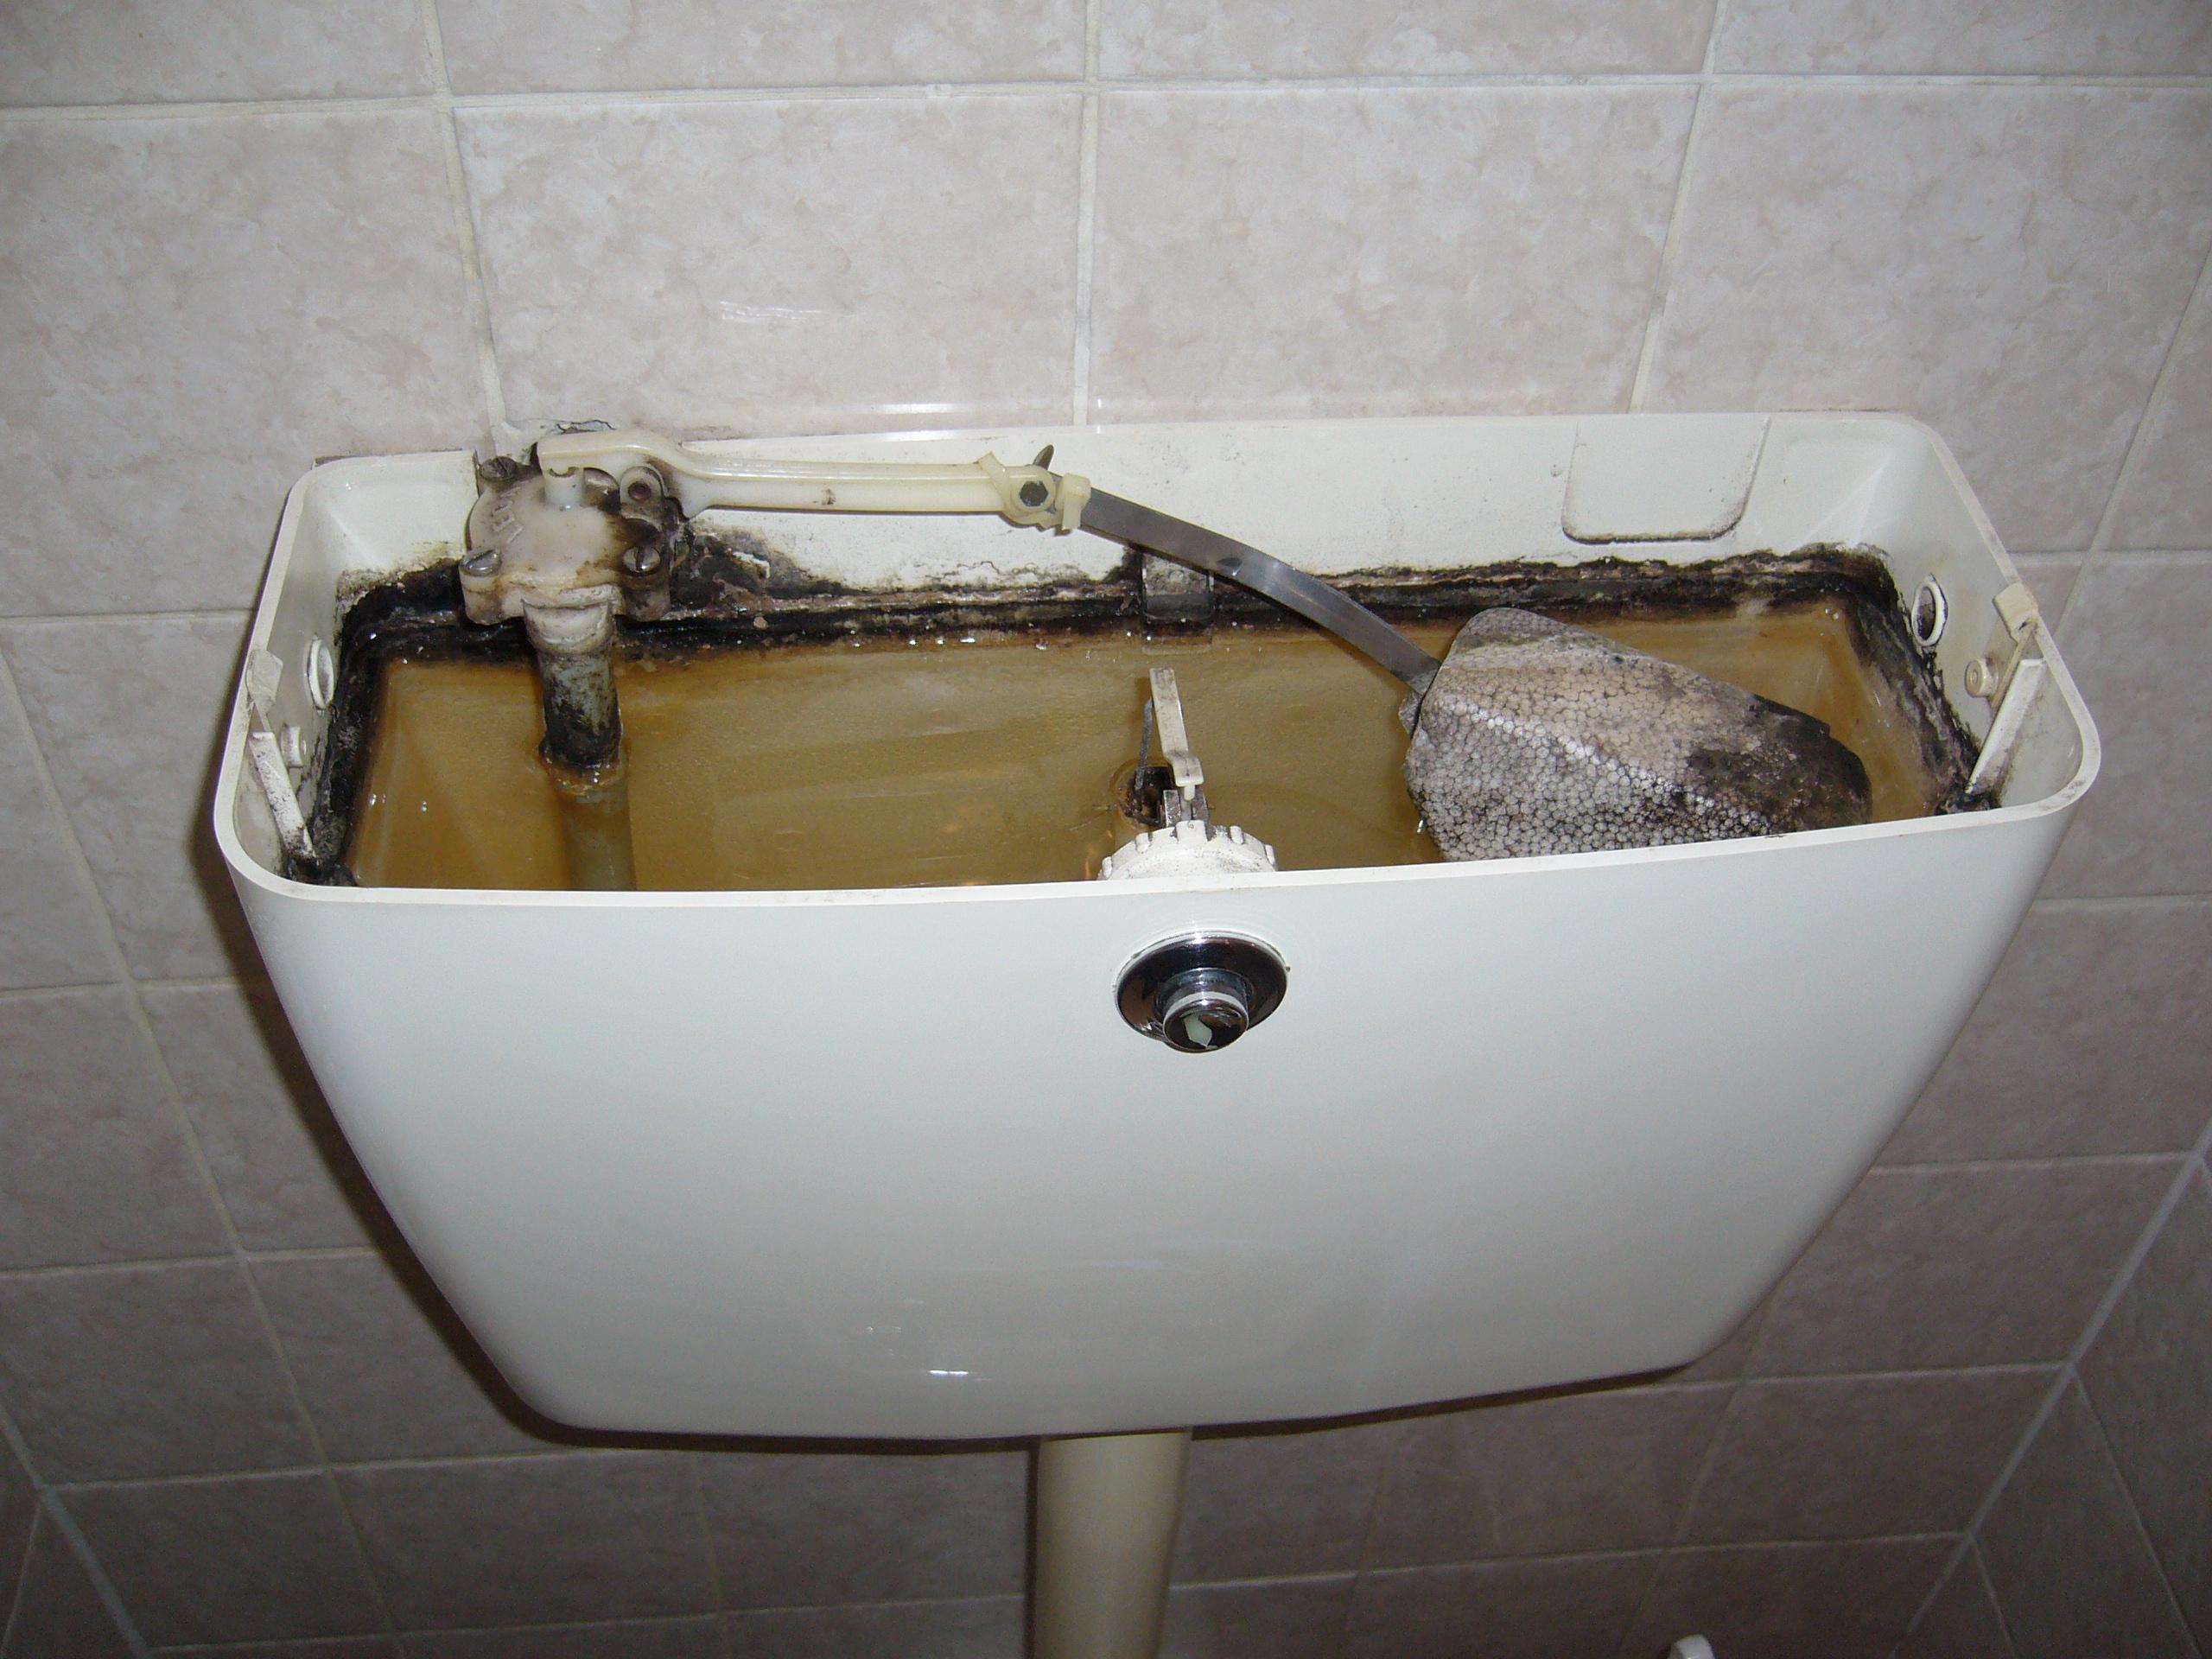 Turbo WC-Spülung - Wasserzufluss stoppt nicht | wer-weiss-was.de KT91